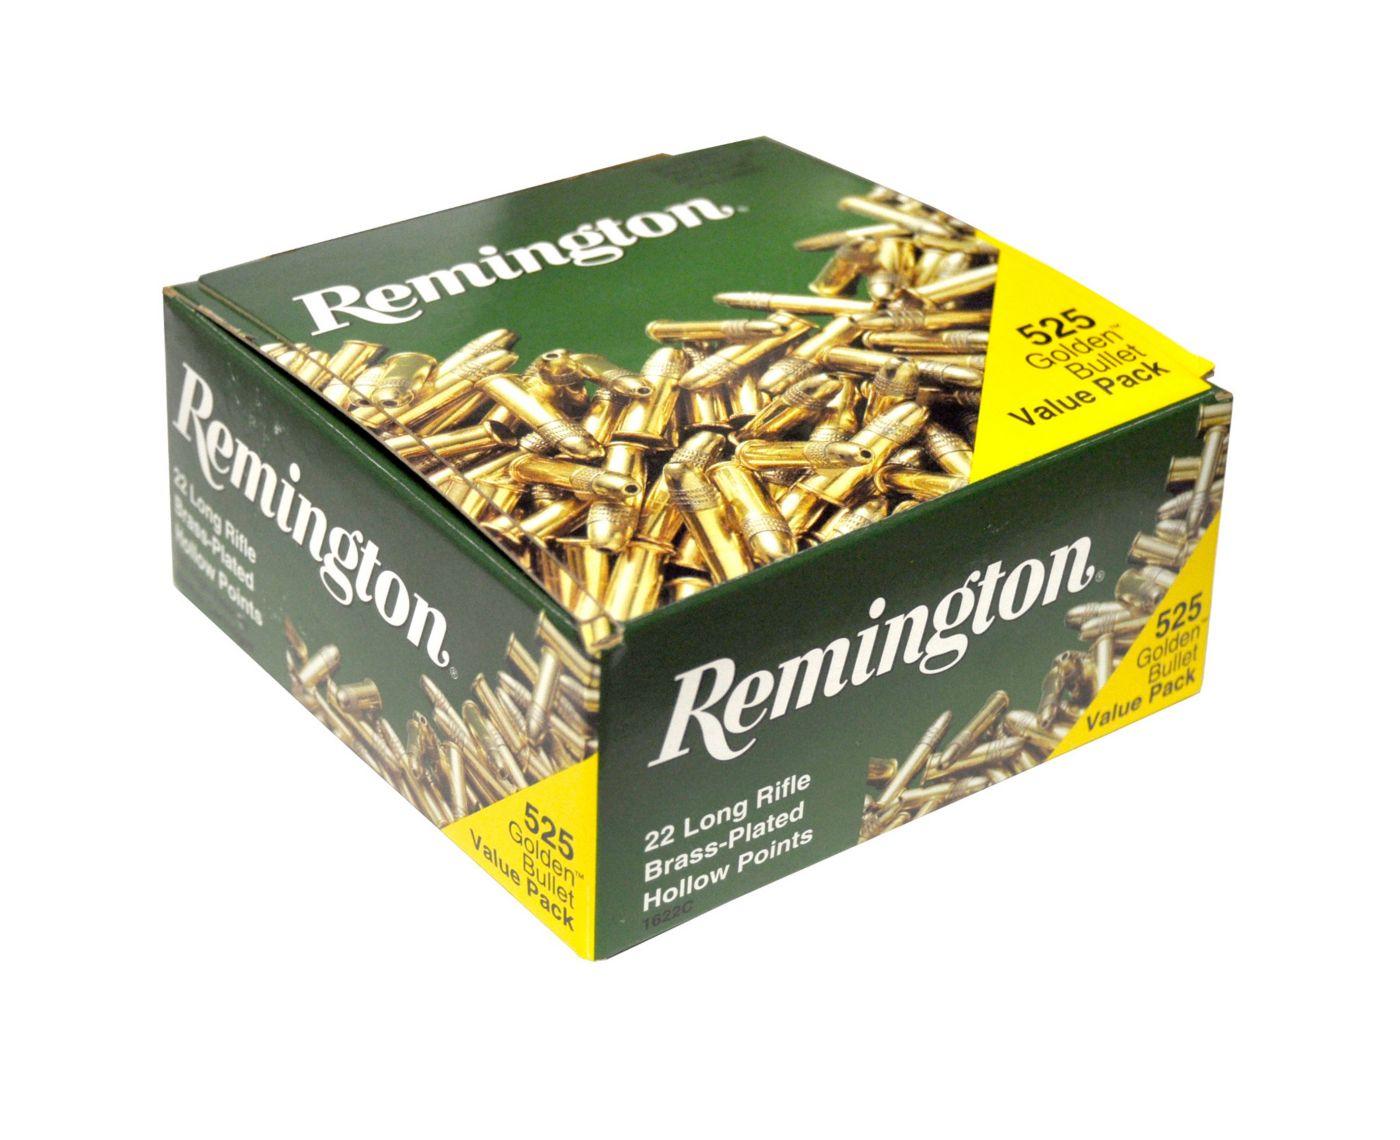 Remington Golden Bullet .22LR HP Rimfire Rifle Ammunition 525 Pack – 36 Grain